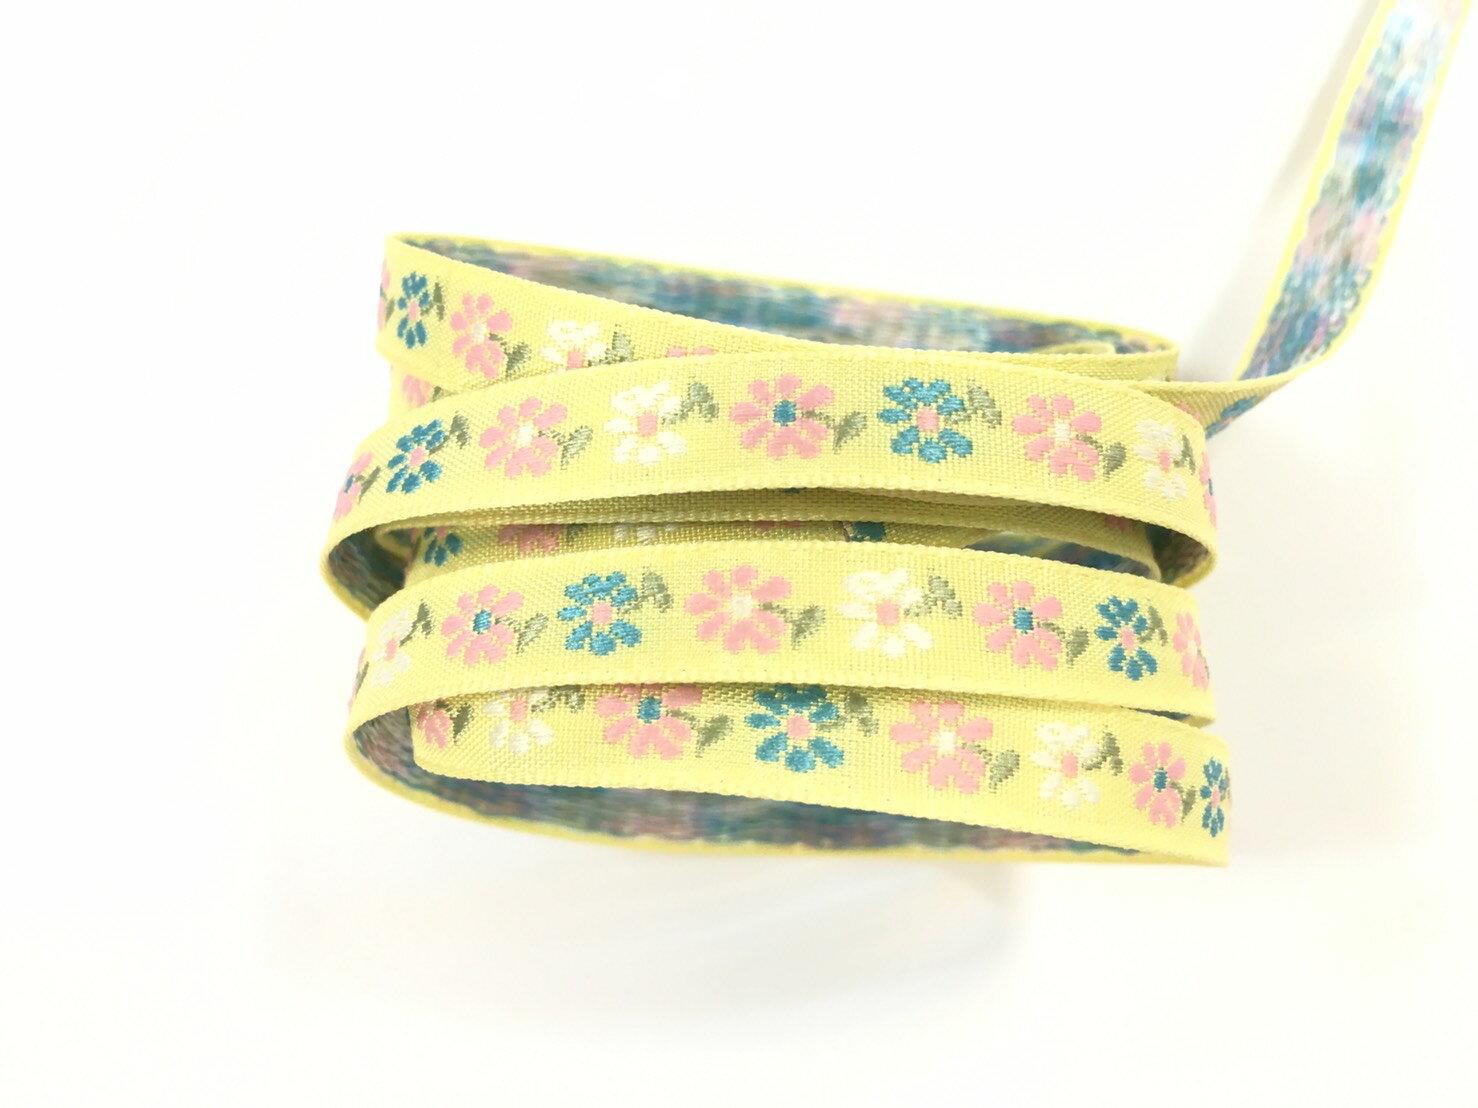 五瓣緹花緞帶 9mm 3碼 (7色) 0